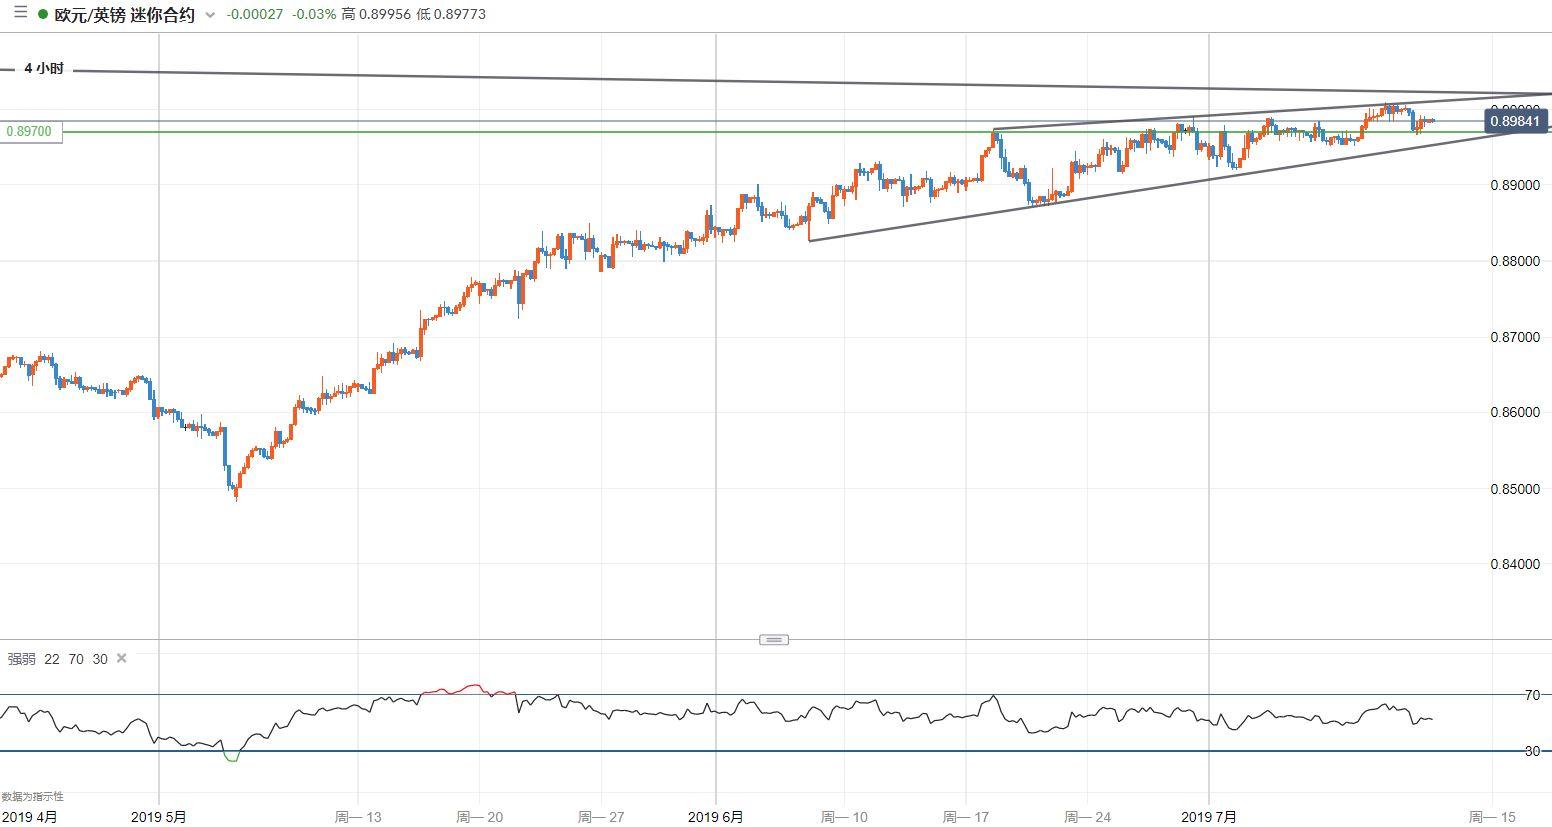 歐元/英鎊技術分析:留意開始回落的風險